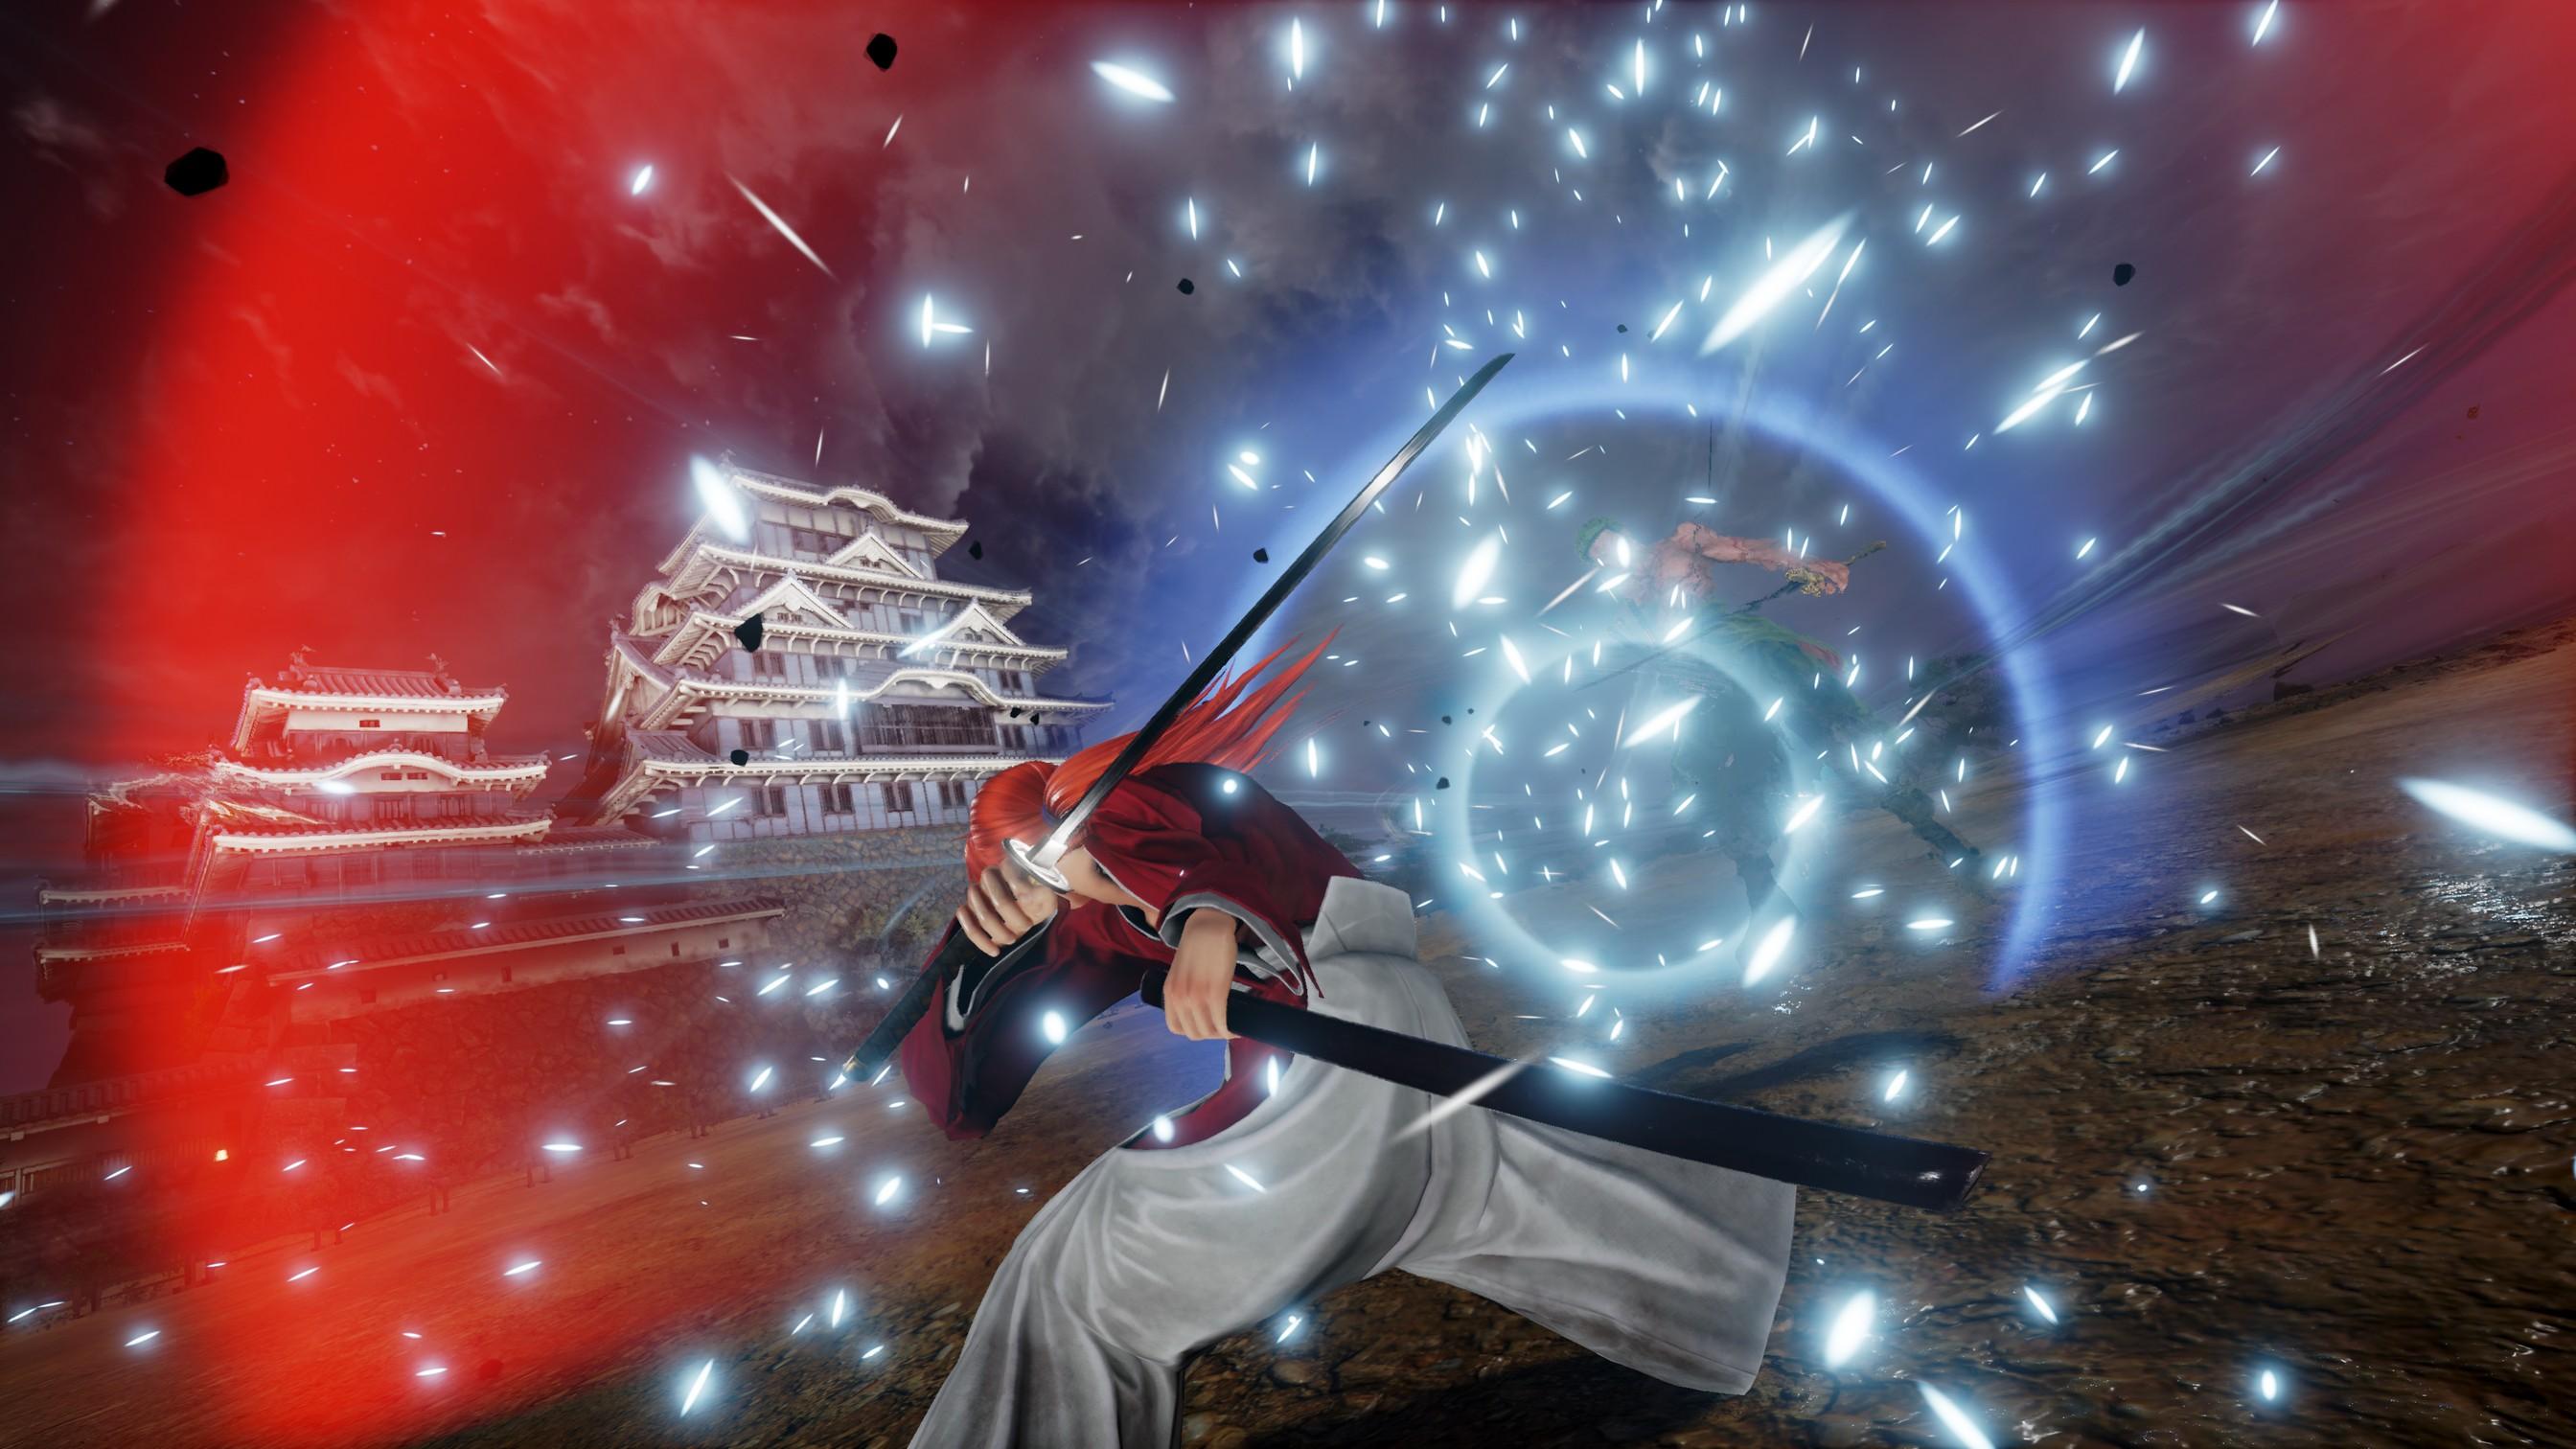 Kenshin_Screenshot_7_1542617875